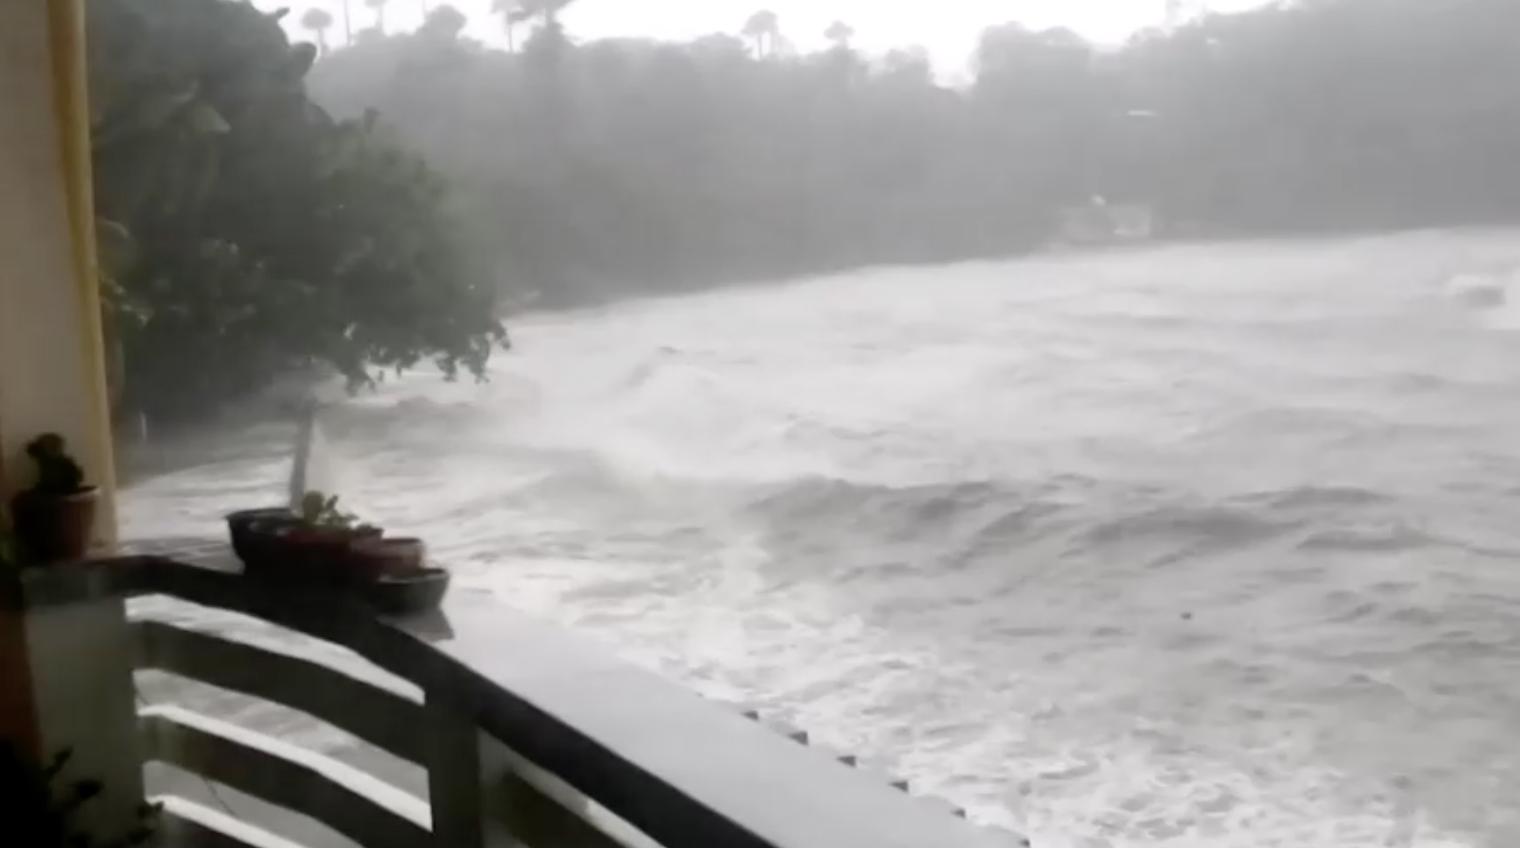 Philippines ra lệnh di tản khi cơn bão mạnh nhất thế giới trong năm 2020 tiến gần đất liền